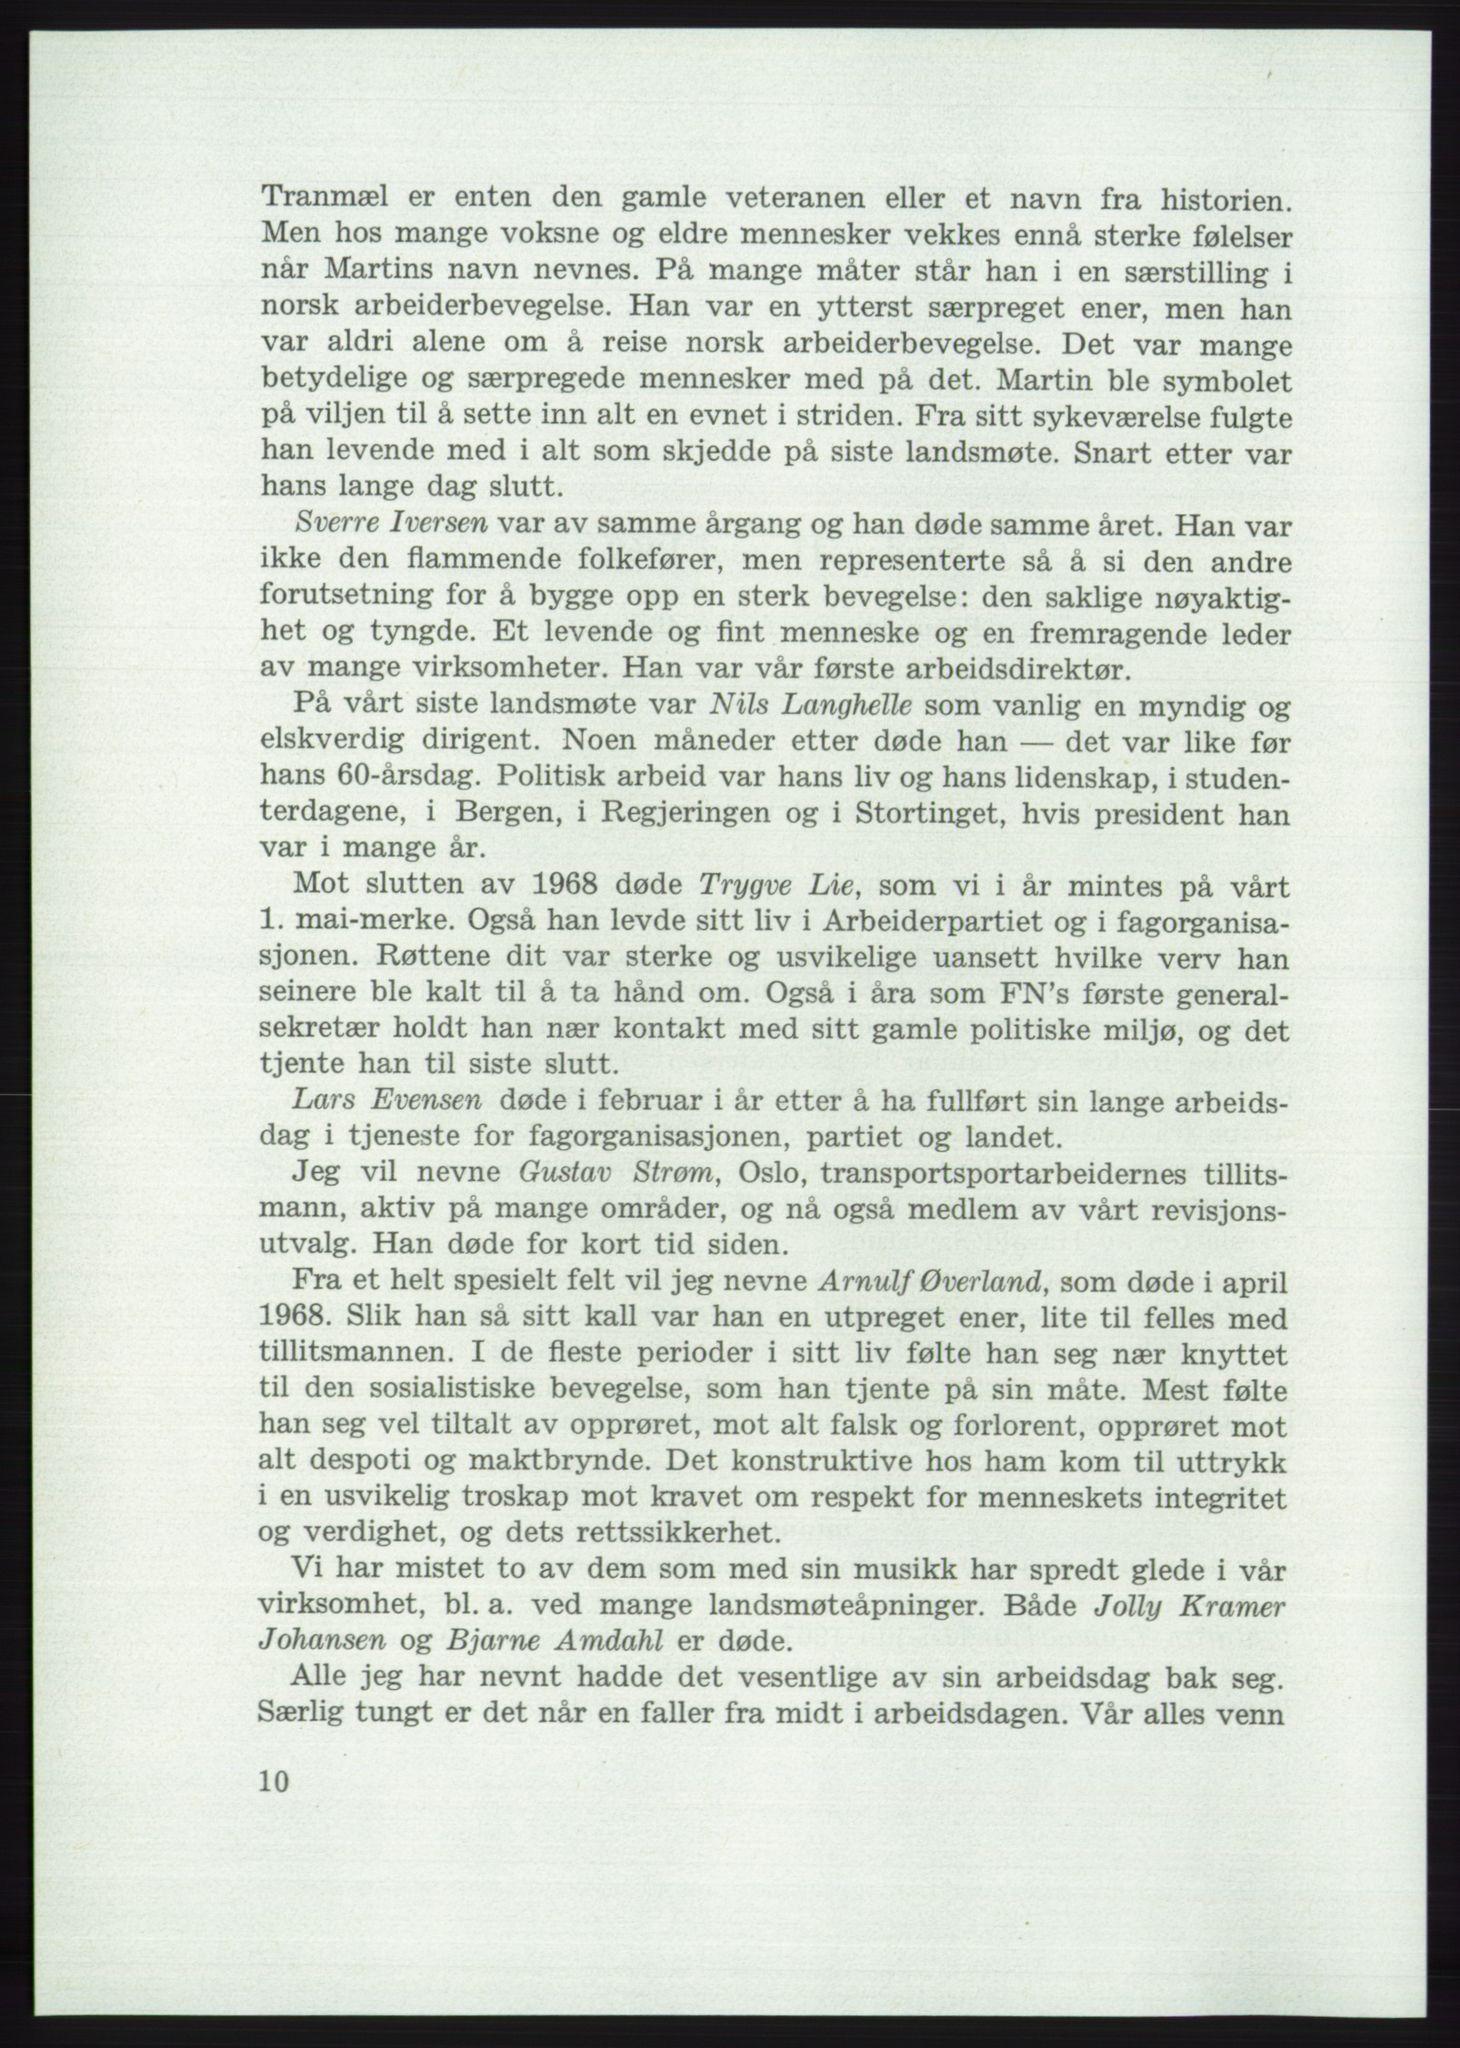 AAB, Det norske Arbeiderparti - publikasjoner, -/-: Protokoll over forhandlingene på det 42. ordinære landsmøte 11.-14. mai 1969 i Oslo, 1969, s. 10